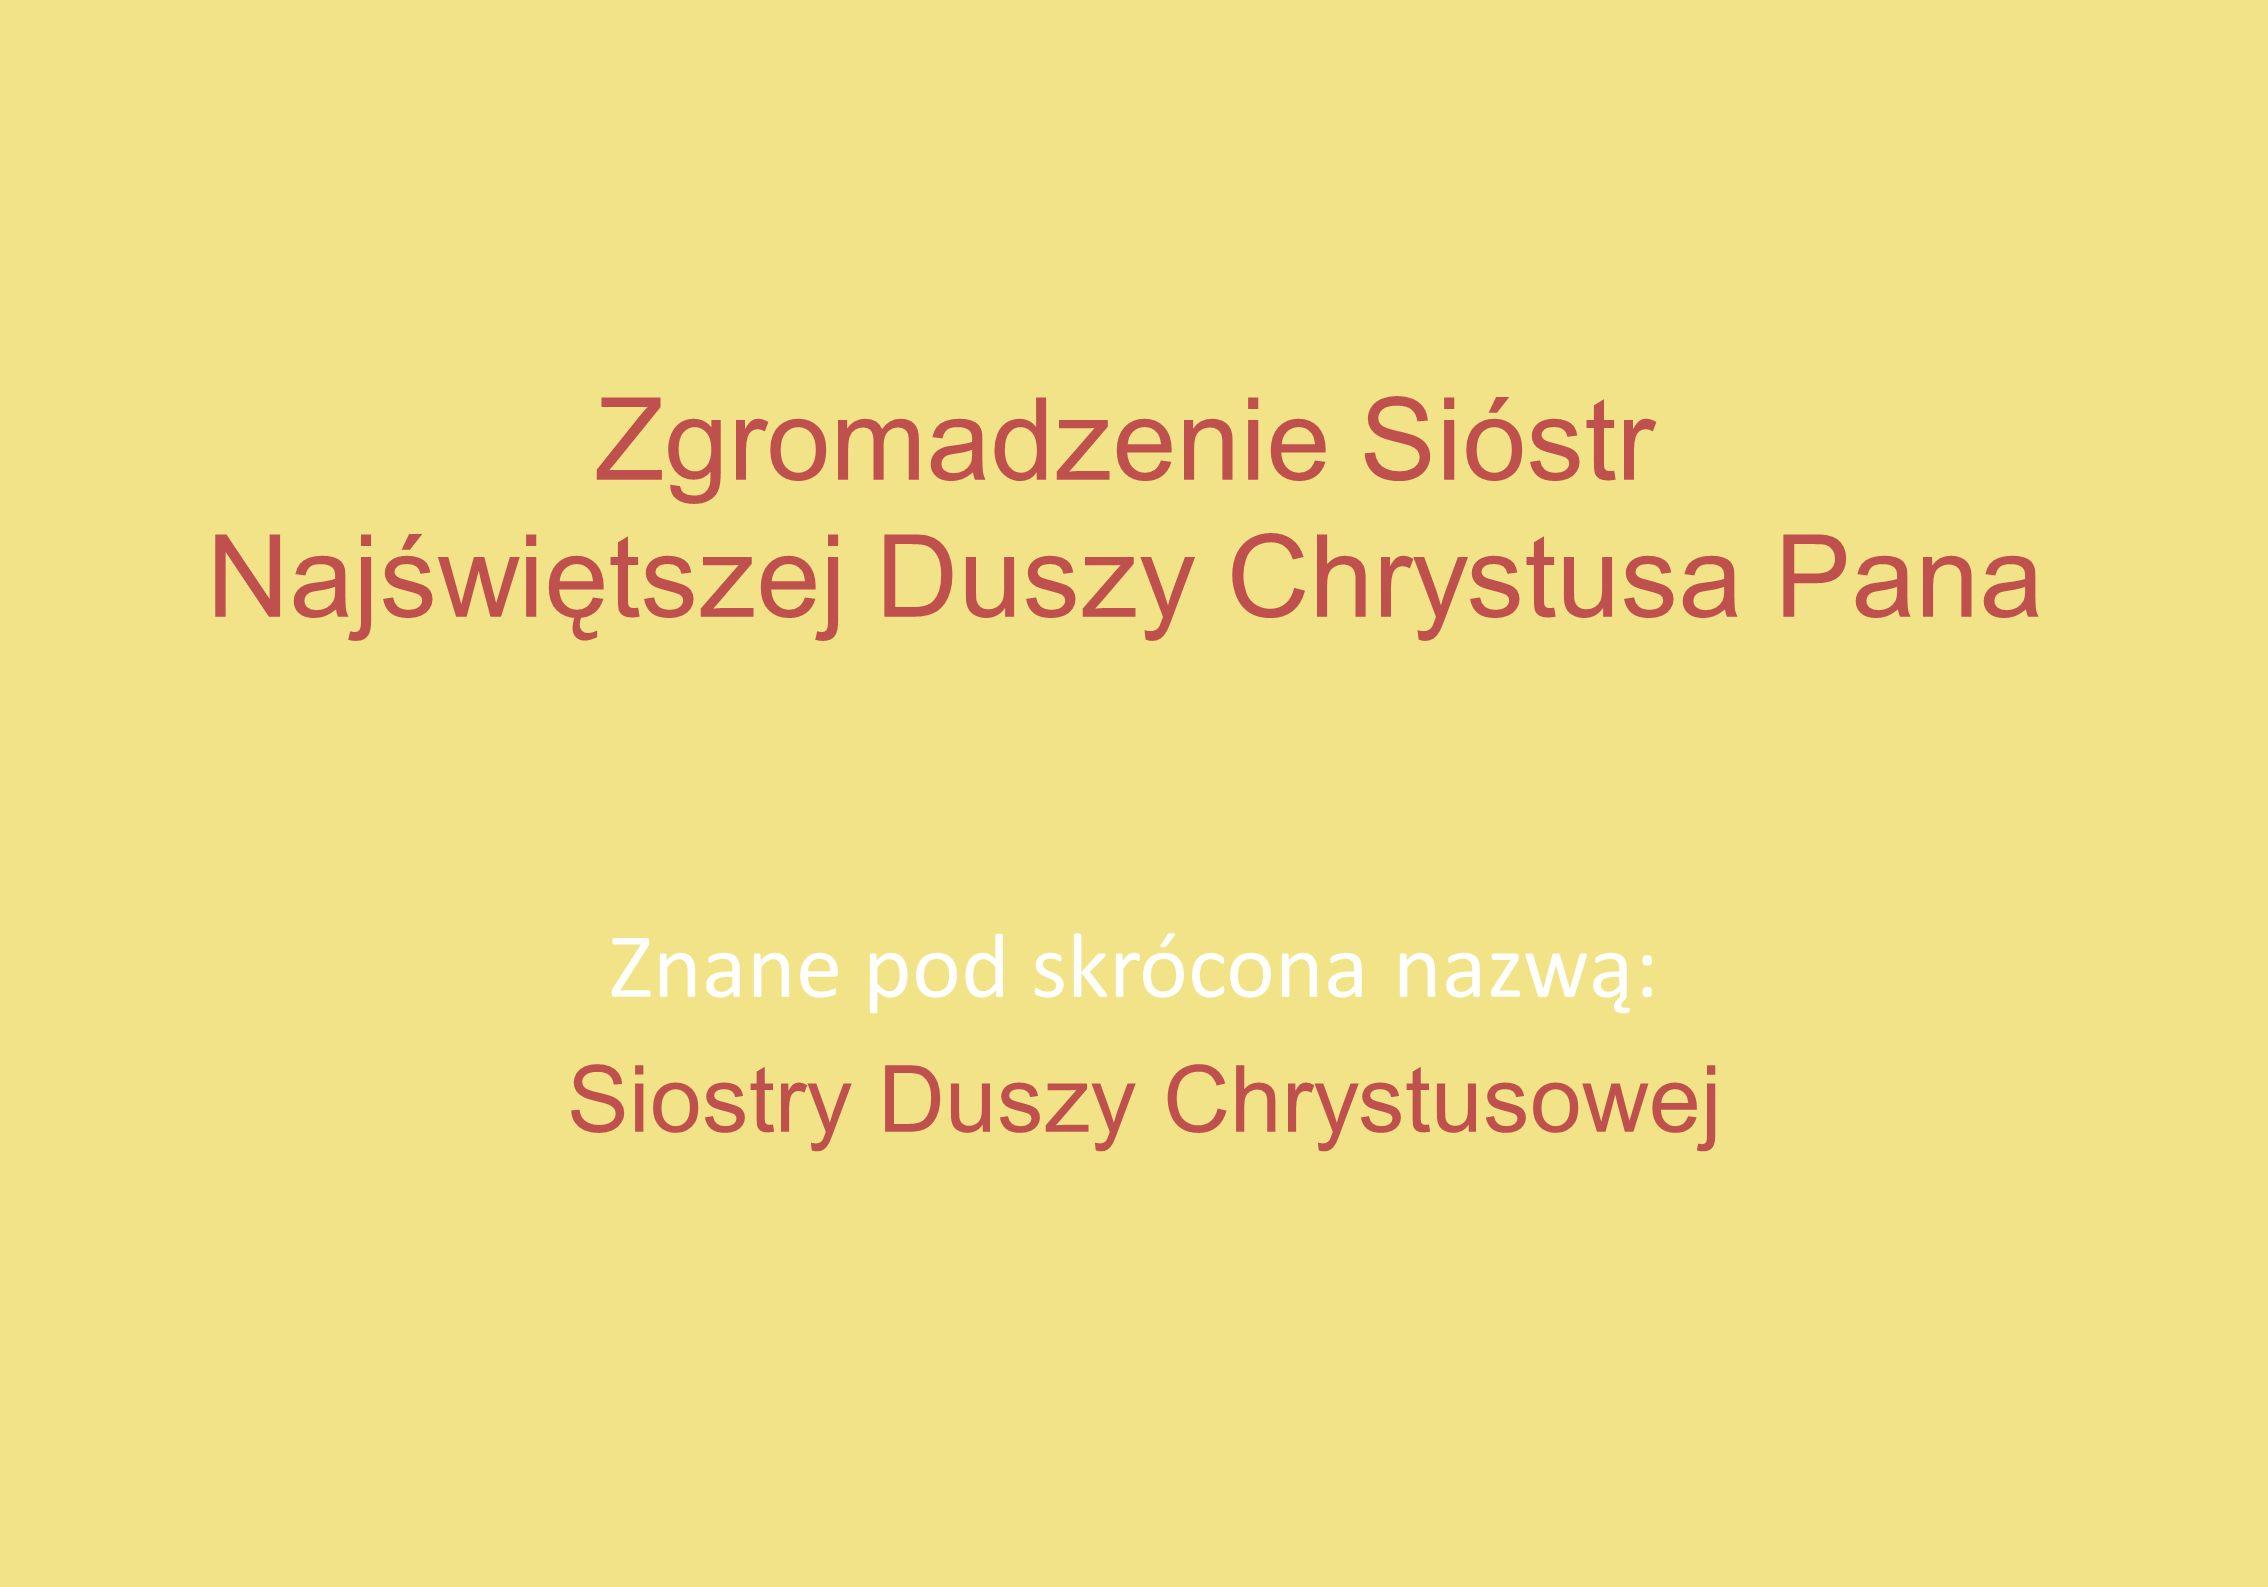 Zgromadzenie Sióstr Najświętszej Duszy Chrystusa Pana Znane pod skrócona nazwą: Siostry Duszy Chrystusowej